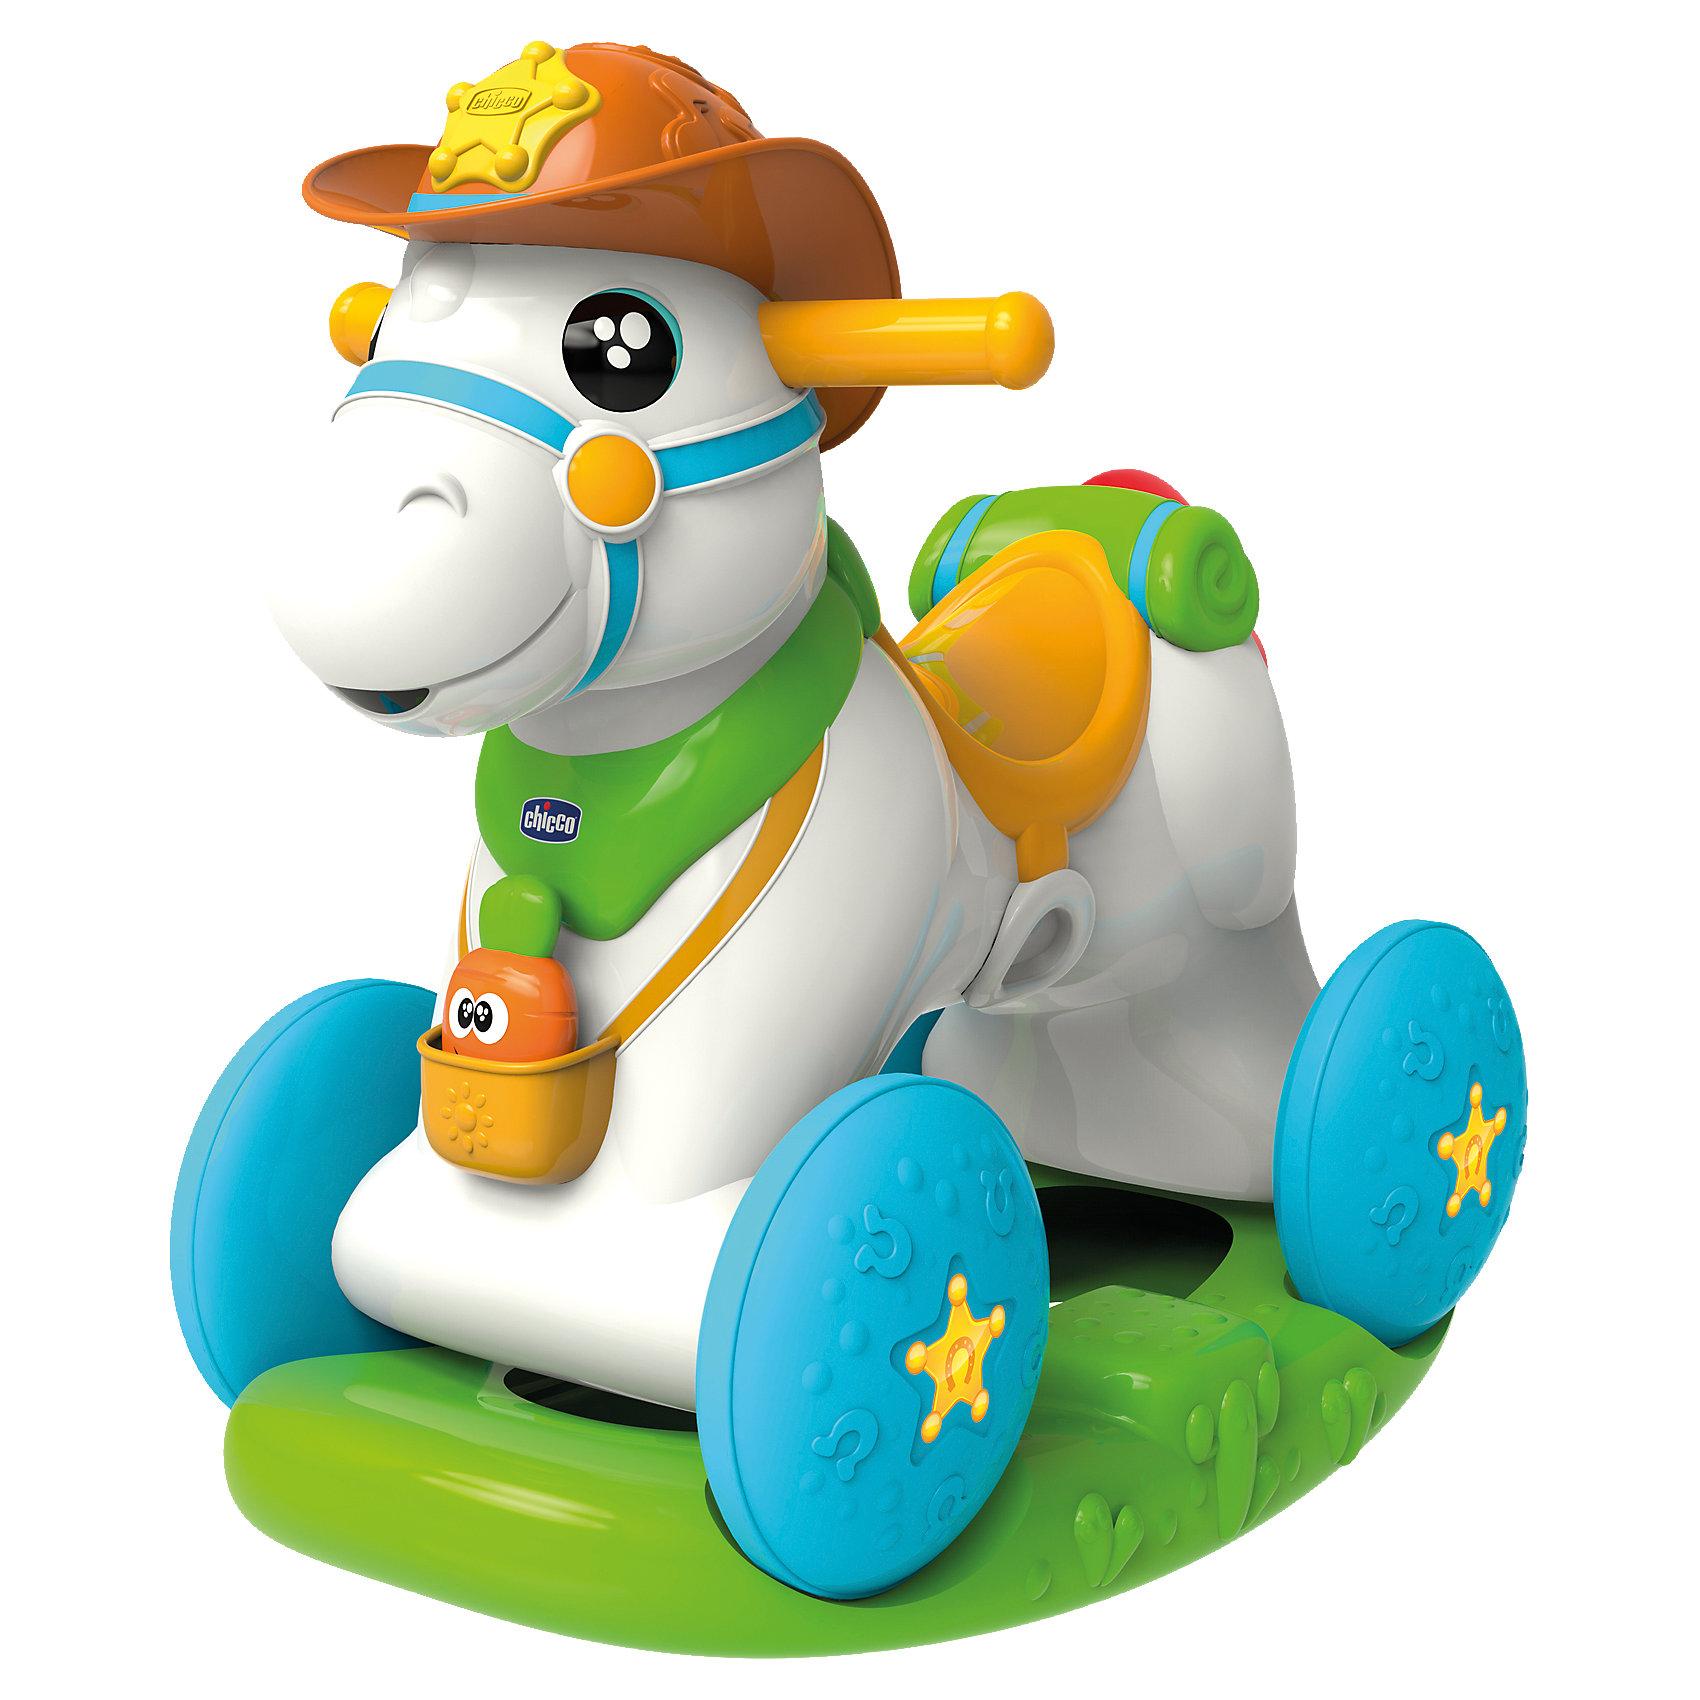 Лошадка-каталка Baby Rodeo, ChiccoЛошадка-каталка Baby Rodeo, Chicco<br><br>Характеристики:<br><br>- в набор входит: лошадка-каталка, элементы питания<br>- состав: пластик<br>- размер лошадки-каталки: 64 * 30 * 58 см.<br>- функции: световые и звуковые эффекты<br>- элементы питания: на батарейках (3шт. АА)<br>- для детей в возрасте: от 1 до 2 лет <br>- Страна производитель: Китай<br><br>Новая Лошадка-каталка Baby Rodeo (Бейби Родео) от известного итальянского бренда товаров для детей Chicco (Чико) придет по вкусу малышам. Интерактивная лошадка открывает и закрывает глазки, кушает морковку и разговаривает. Морковка для кормления входит в набор, при поднесении ко рту лошадки активируется сигнал и лошадка будет радостно ржать. На лошадке с подставкой можно кататься как на классической каталке, у лошадки две удобные для детских пальчиков ручки по бокам. Колеса и подставка отдекорированы рельефными узорами, которые понравится трогать. <br><br>Благодаря колесам и съемной подставке на лошадке можно весело кататься по дому и отправиться на поиски приключений. Лошадка изготовлена из высококачественного пластика и может выдерживать вес до 25 кг. Развивайтесь вместе с лошадкой, отдавая ей тепло и заботу! Играя с лошадкой малыш сможет развивать тактильное, звуковое и цветовое восприятие, сможет развивать память, моторику и воображение.<br><br>Лошадку-каталку Baby Rodeo, Chicco можно купить в нашем интернет-магазине.<br><br>Ширина мм: 607<br>Глубина мм: 501<br>Высота мм: 434<br>Вес г: 6524<br>Возраст от месяцев: 12<br>Возраст до месяцев: 24<br>Пол: Унисекс<br>Возраст: Детский<br>SKU: 4642243